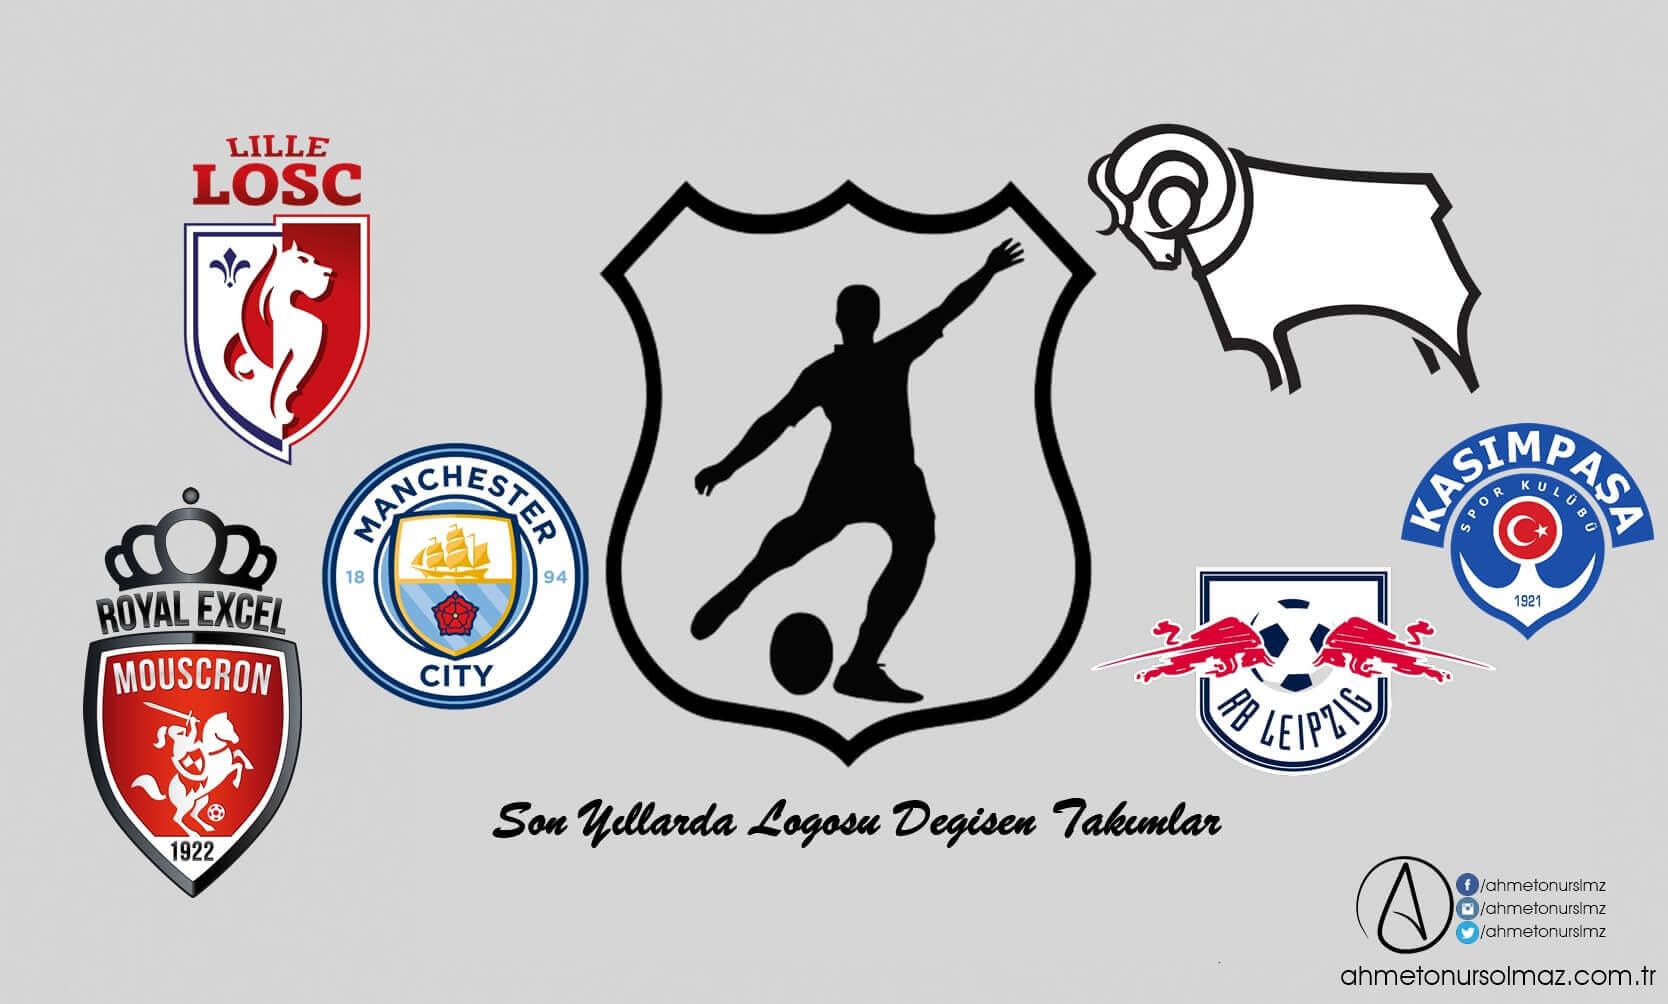 Son Yıllarda Logosu Değişen Takımlar